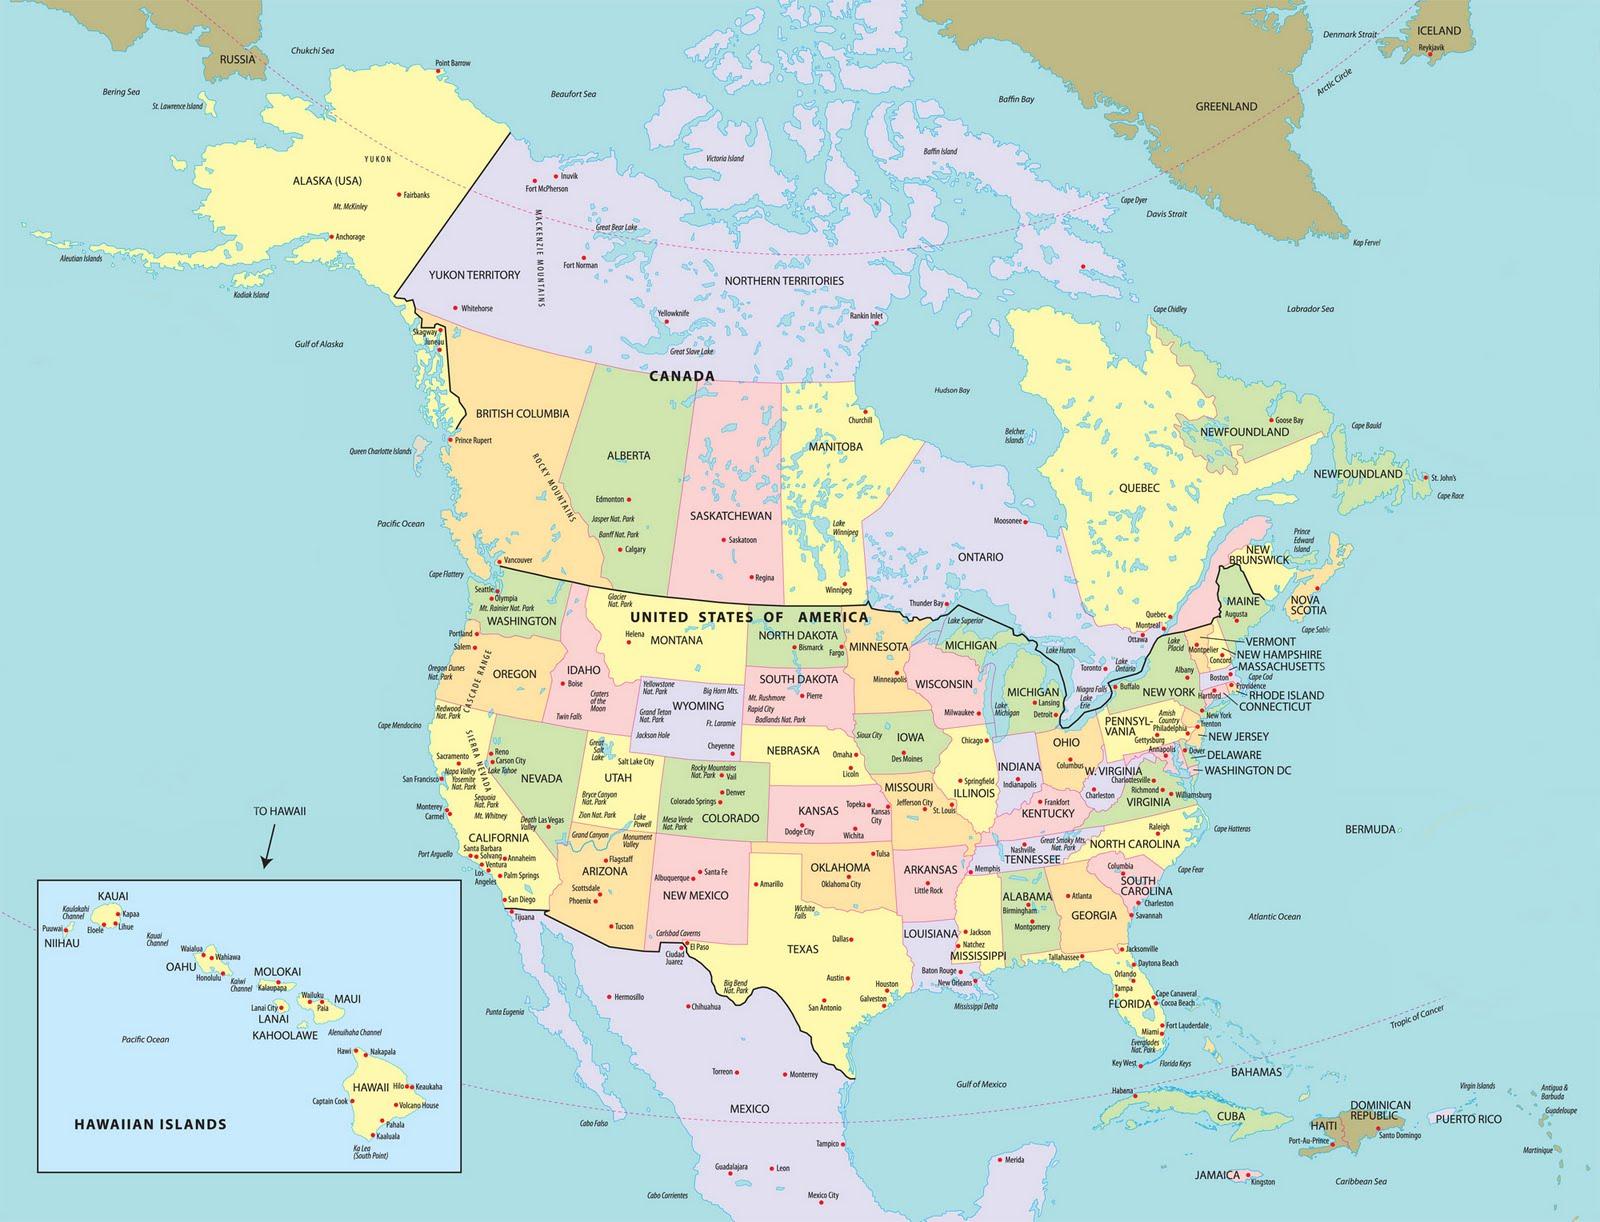 Αμερική - καναδάς: αρχείο χάρτη